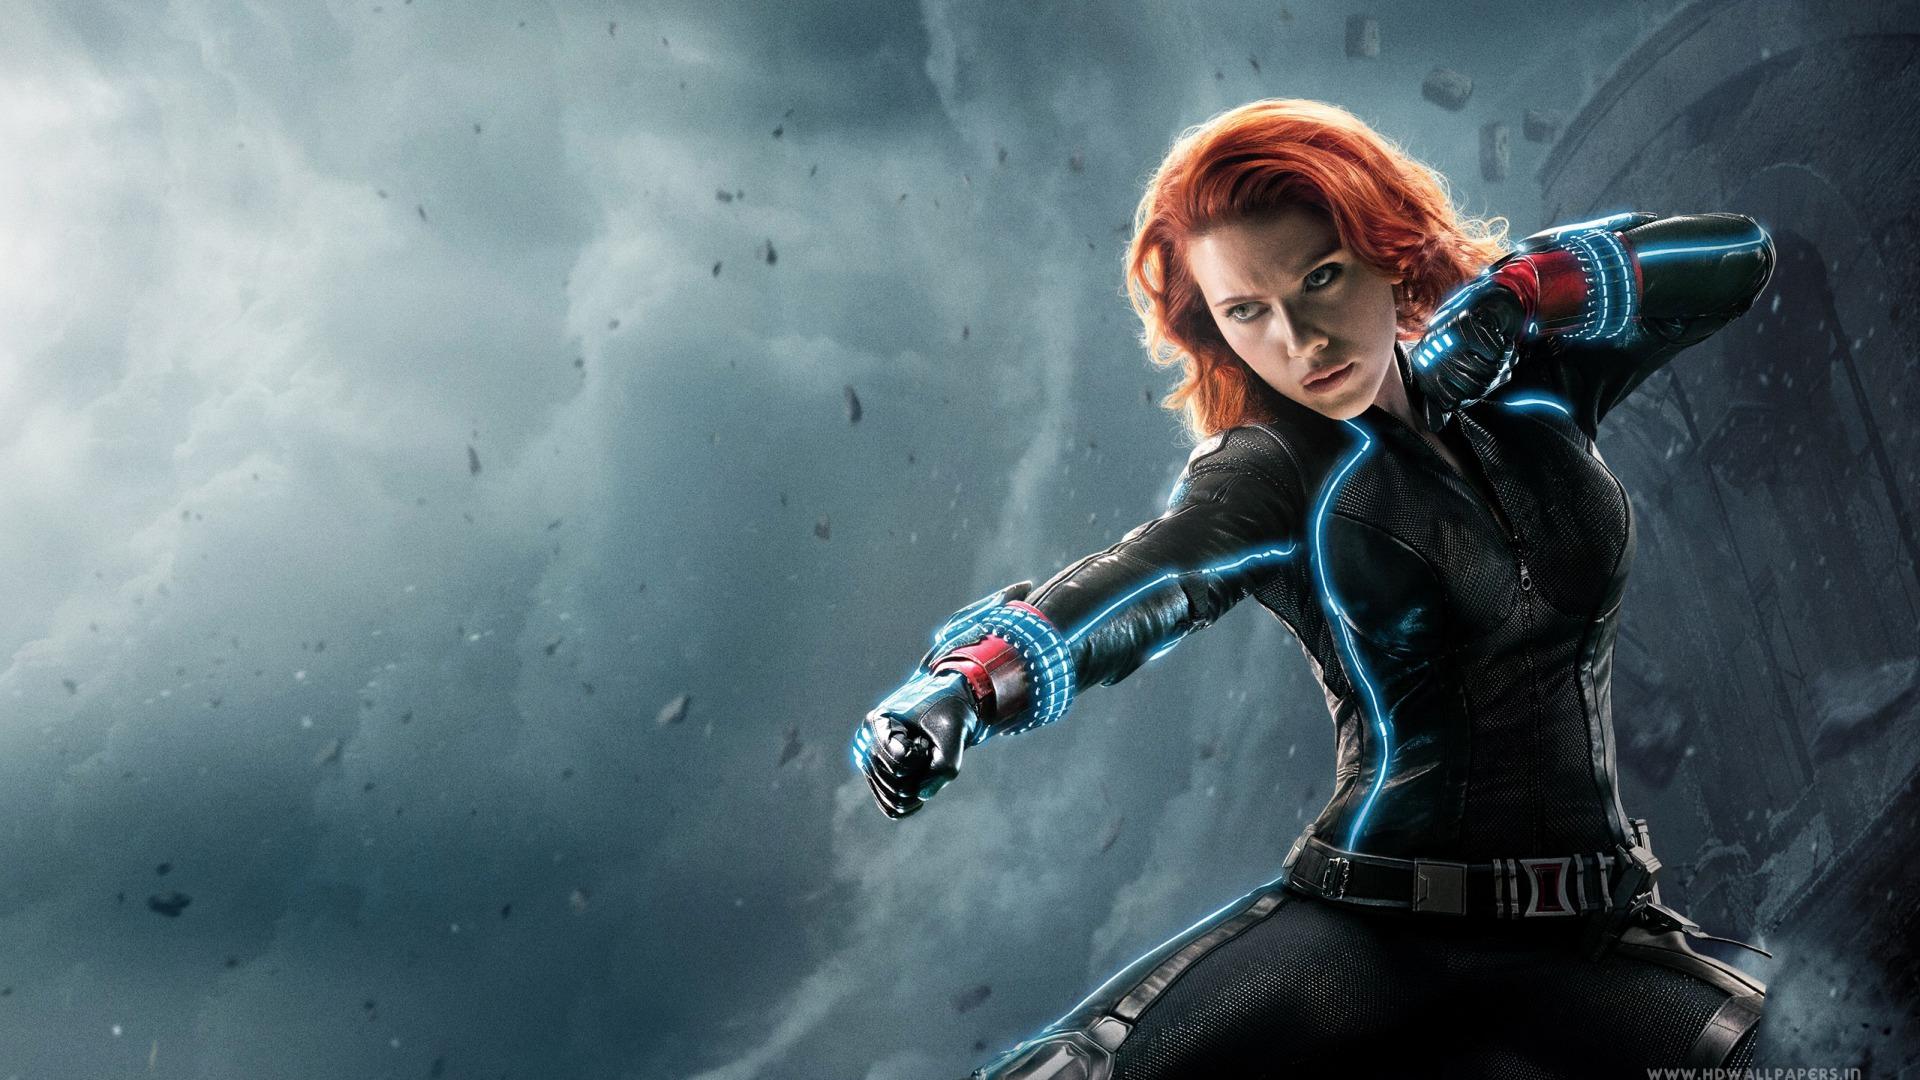 Scarlett Johansson: Avengers, Black Widow, Scarlett Johansson, Дівчата, Avengers: Age of Ultron